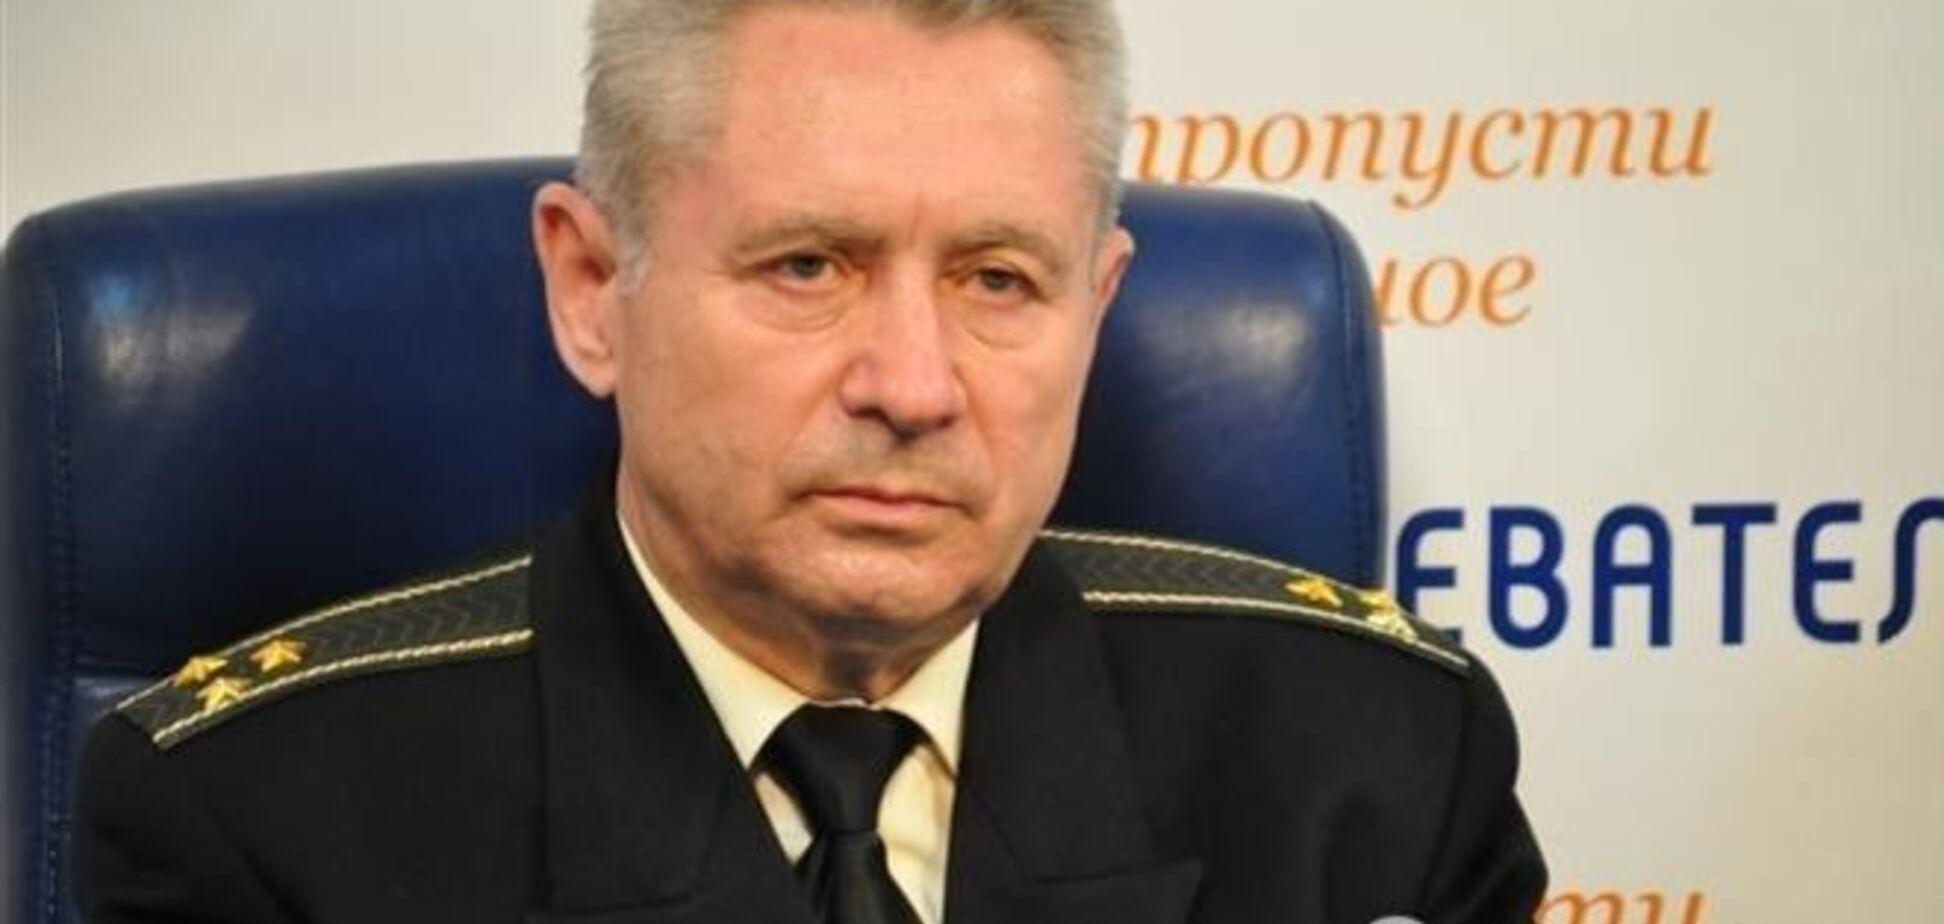 Путин получил 'звонок' от украинских ВМС и НАТО - Лупаков